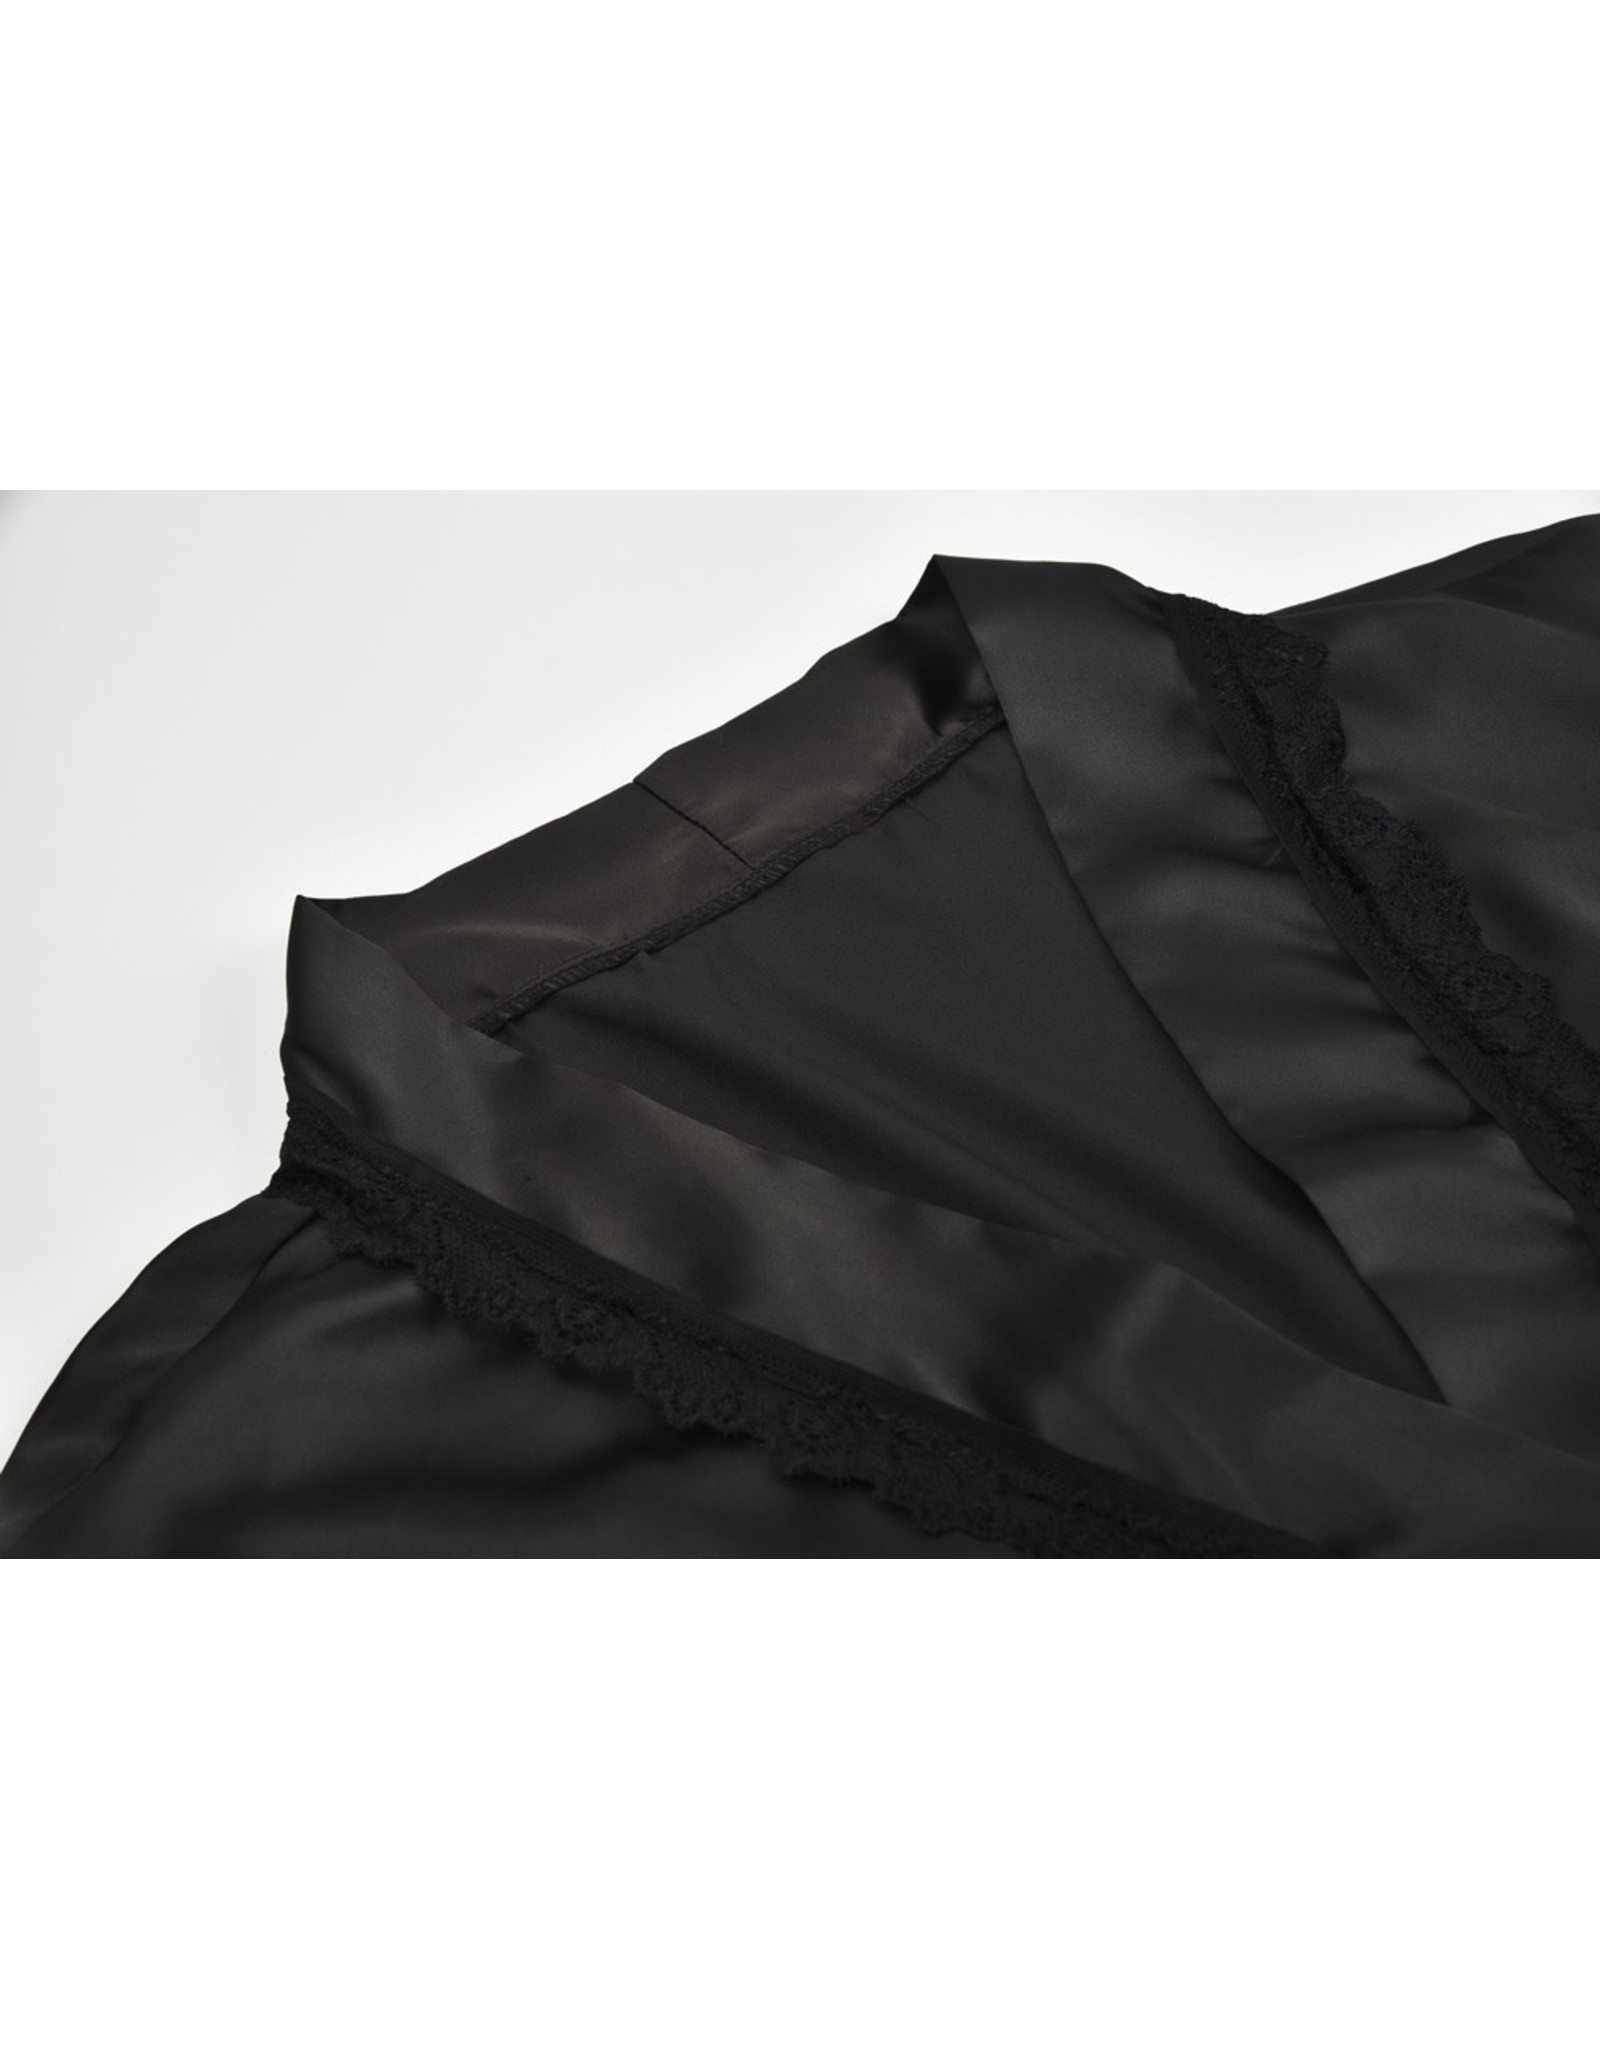 CLASSIC SATIN ROBE BLACK SMALL